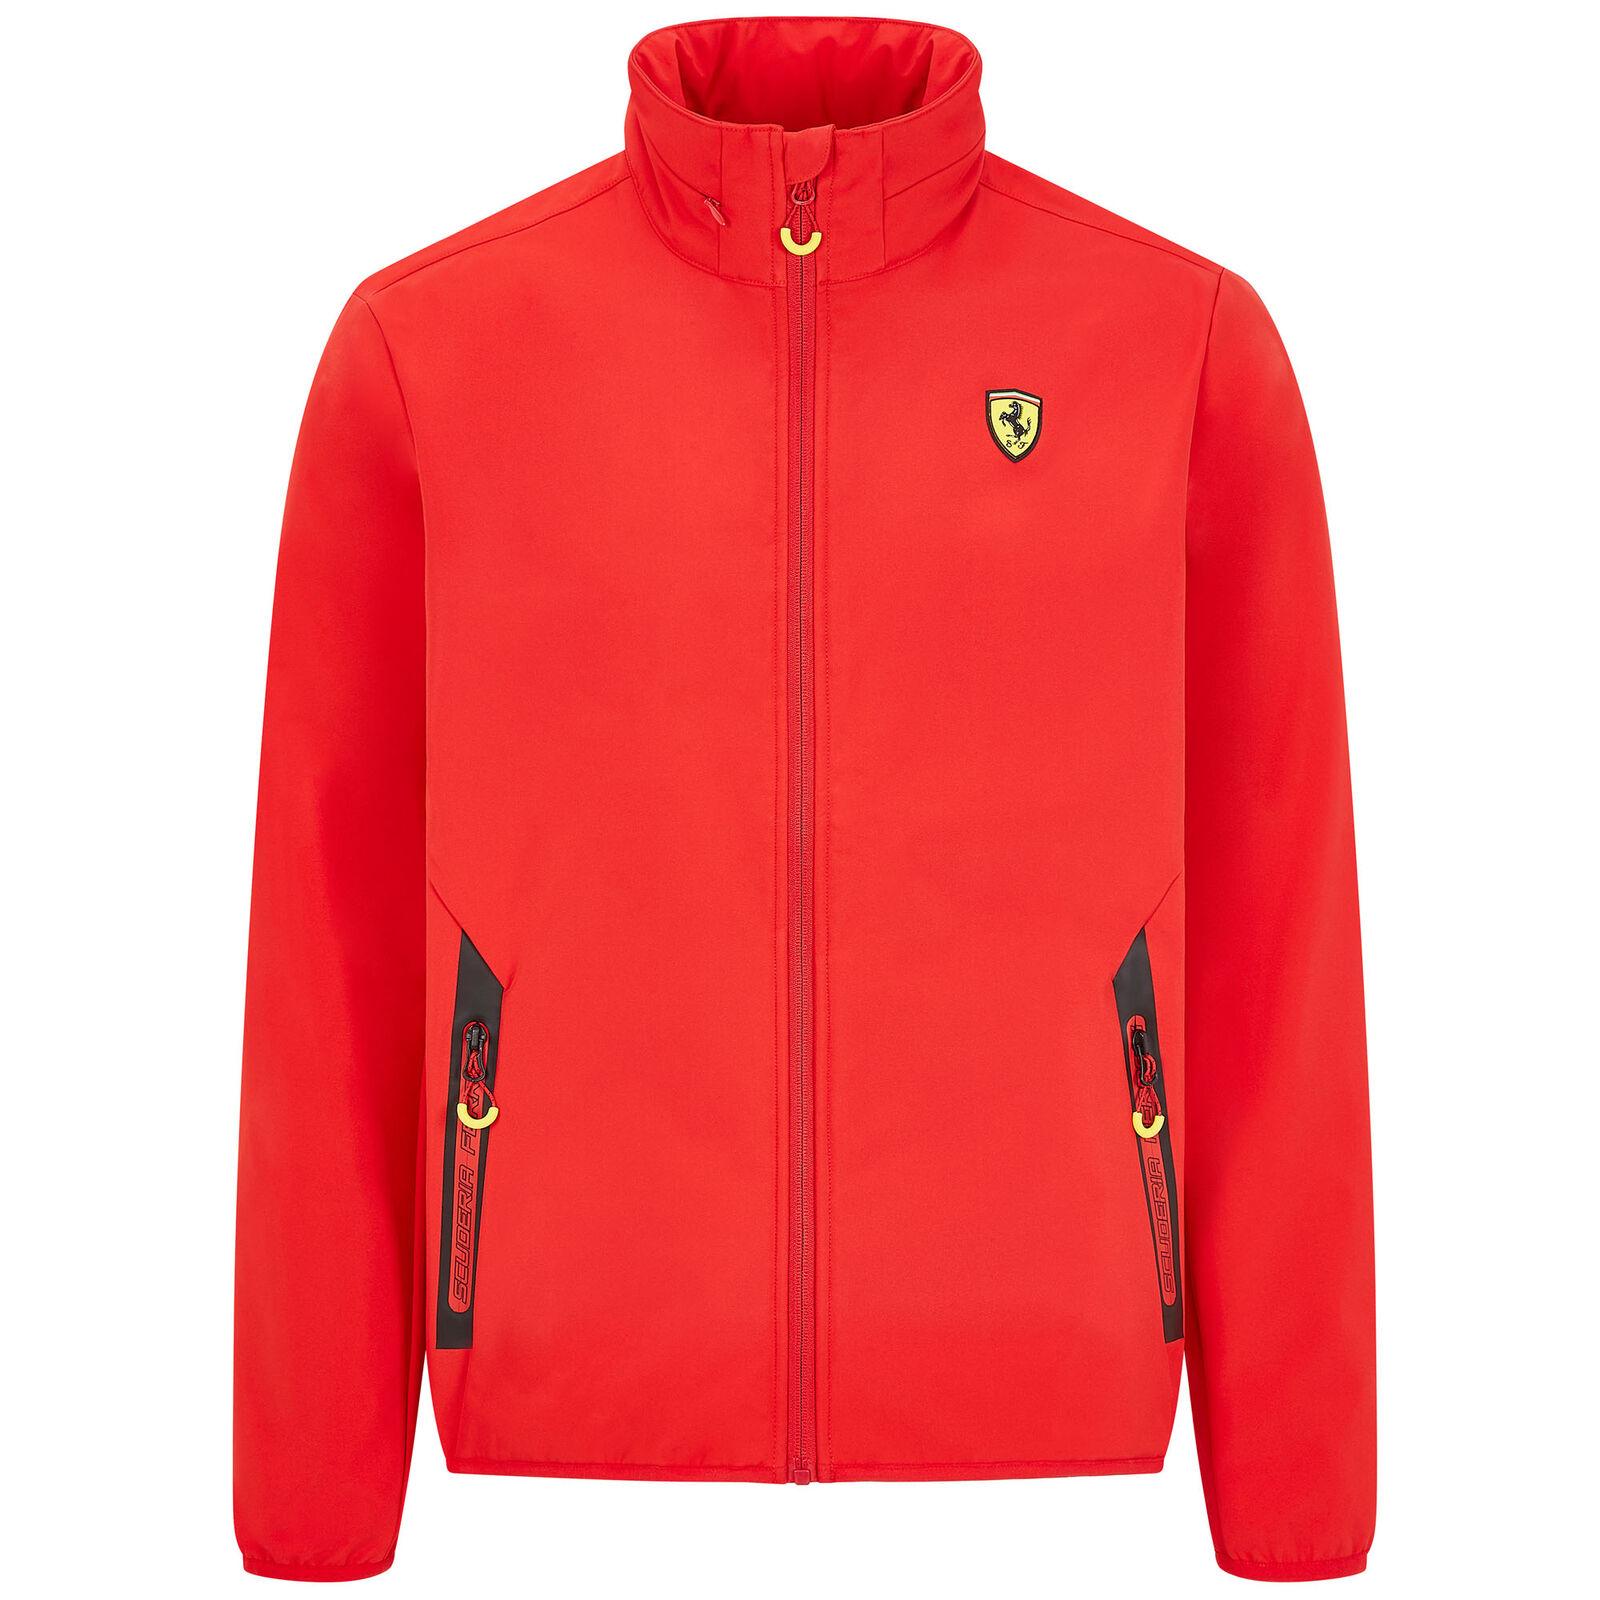 ★送料無料★Scuderia Ferrari Official Red Softshell Jacket フェラーリ オフィシャル ソフトシェル ジャケット レッド アウター